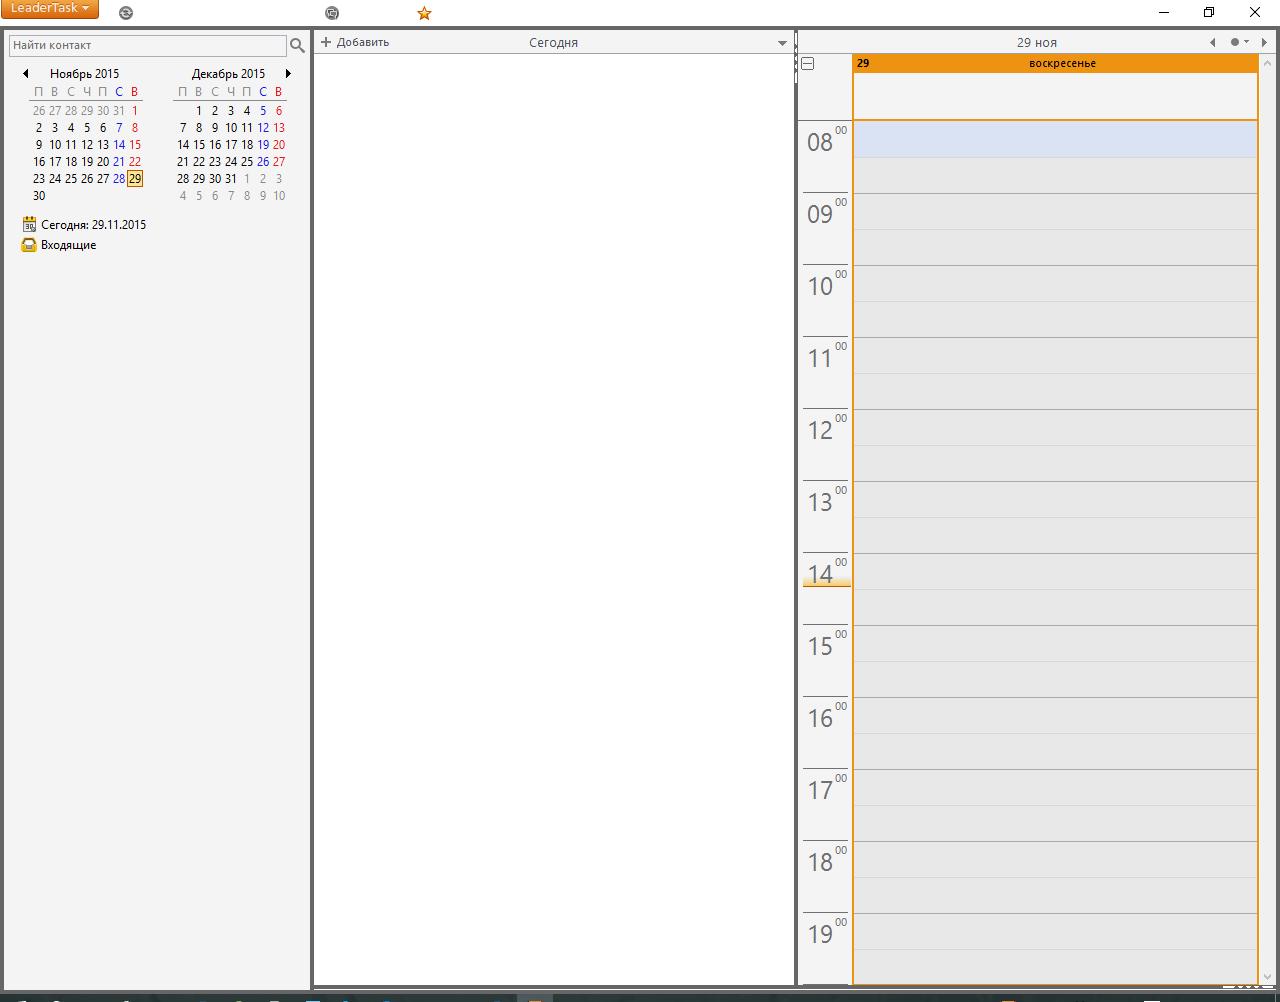 Скриншот 2015-11-29 14.28.09